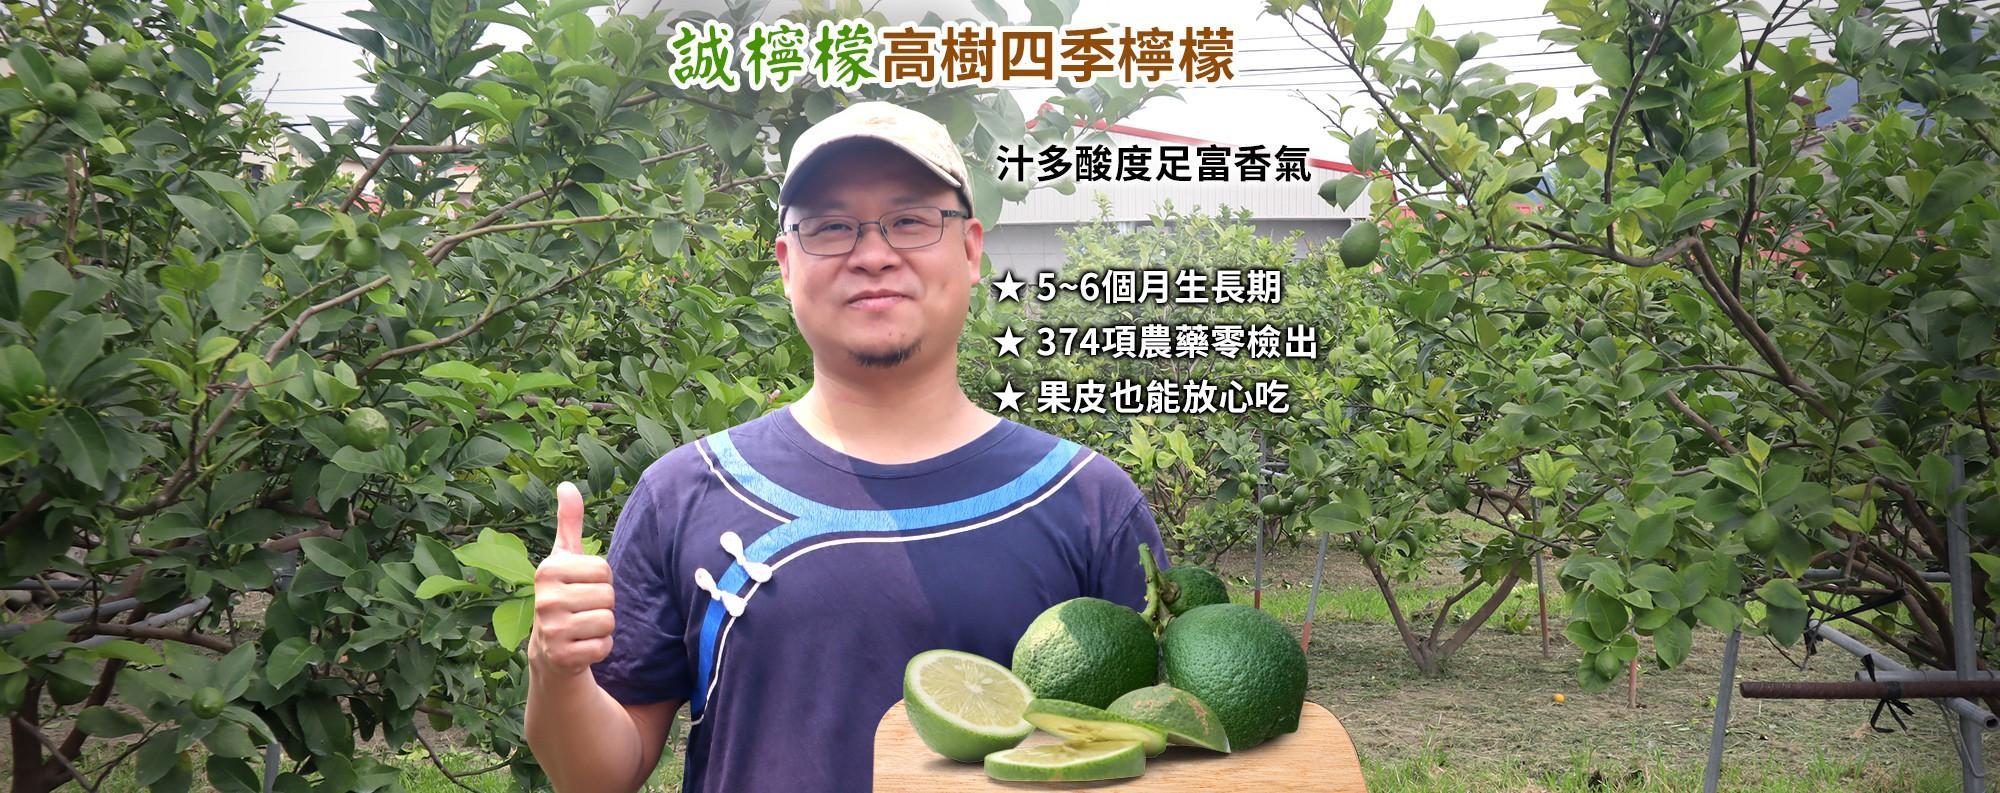 【誠檸檬】屏東高樹四季檸檬